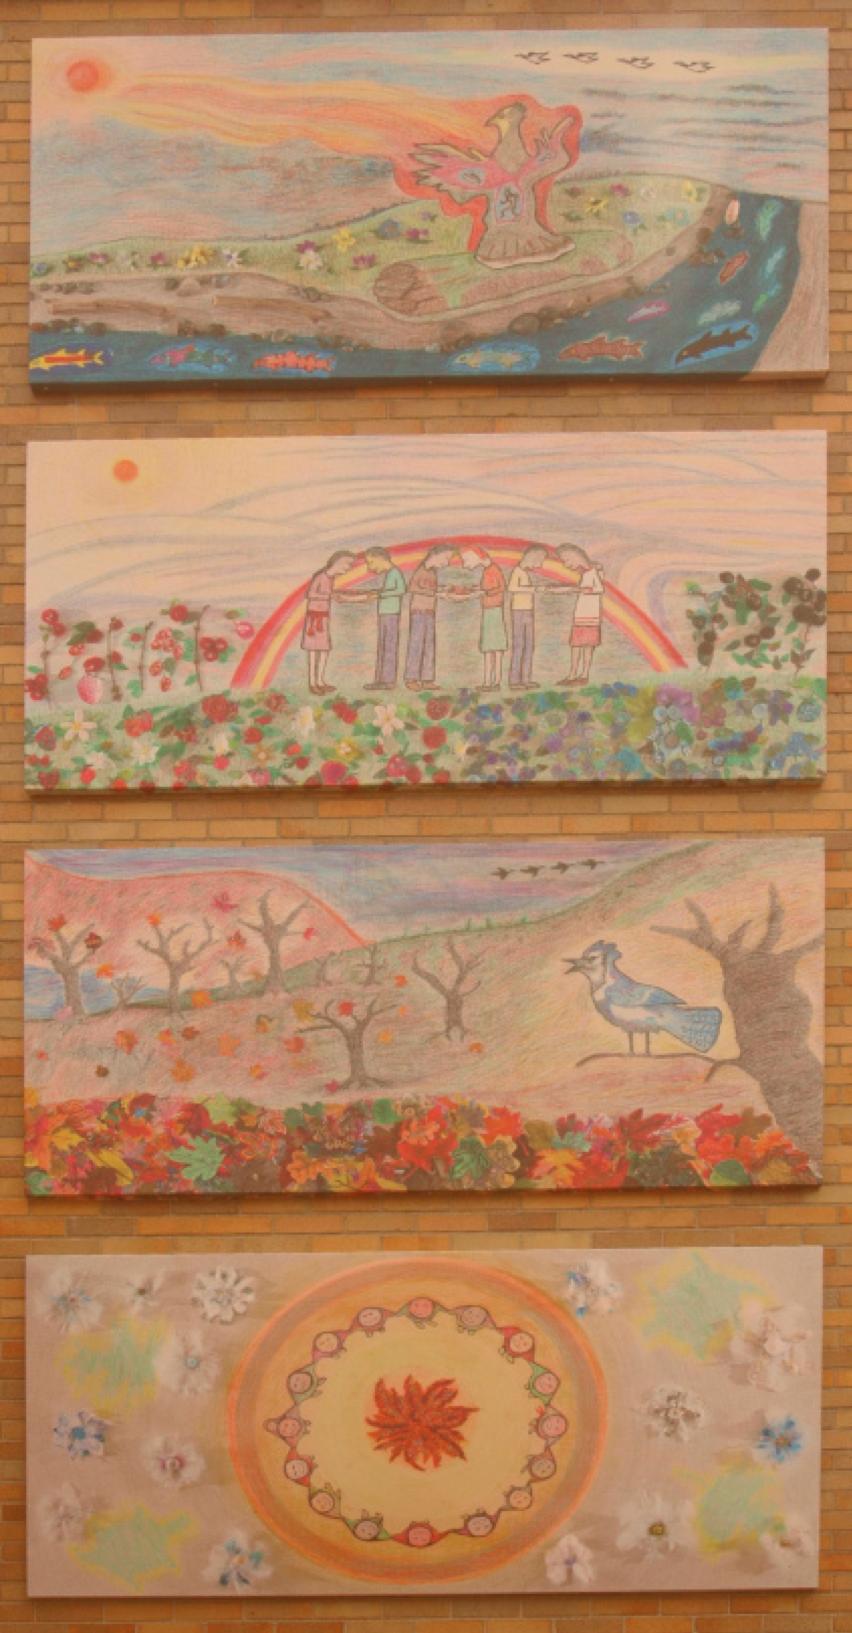 Projet héritage inaugural - MÀMAWI ENSEMBLE MURALE D'ARTPour honorer la publication du rapport final de la Commission de vérité et réconciliation et les survivants des pensionnats, un projet spécial murale d'art et d'éducation a eu lieu en 2015. Aîné Algonquin et l'artiste Albert Dumont a dirigé tous les élèves de l'école Pleasant Park et certains d'École secondaire Ridgemont à la création de la murale d'art à l'école Pleasant Park. Quand elle a été dévoilée le 10 juin 2015, la communauté élargie a rejoint l'acte de réconciliation. Cela a été rendu possible grâce au soutien de nombreux bénévoles des parents, de l'école et de la communauté, de la subvention murale Paint-it-Up de la Ville d'Ottawa et d'autres bailleurs de fonds communautaires et commerciaux.